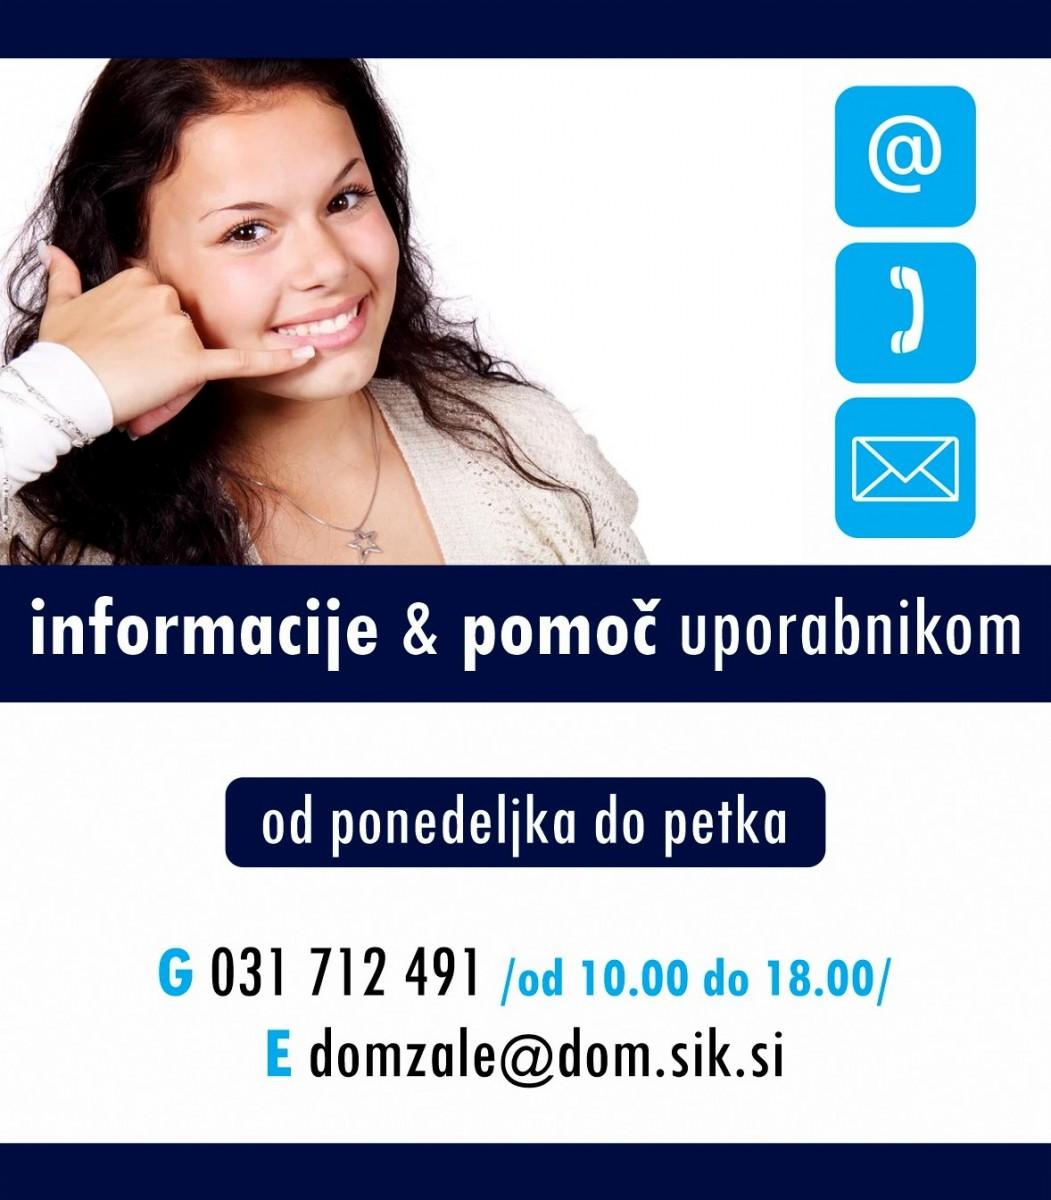 Obvestilo Knjižnice Domžale  - Info podatki, E-Knjižnica, Audibook, Izposoja po pošti